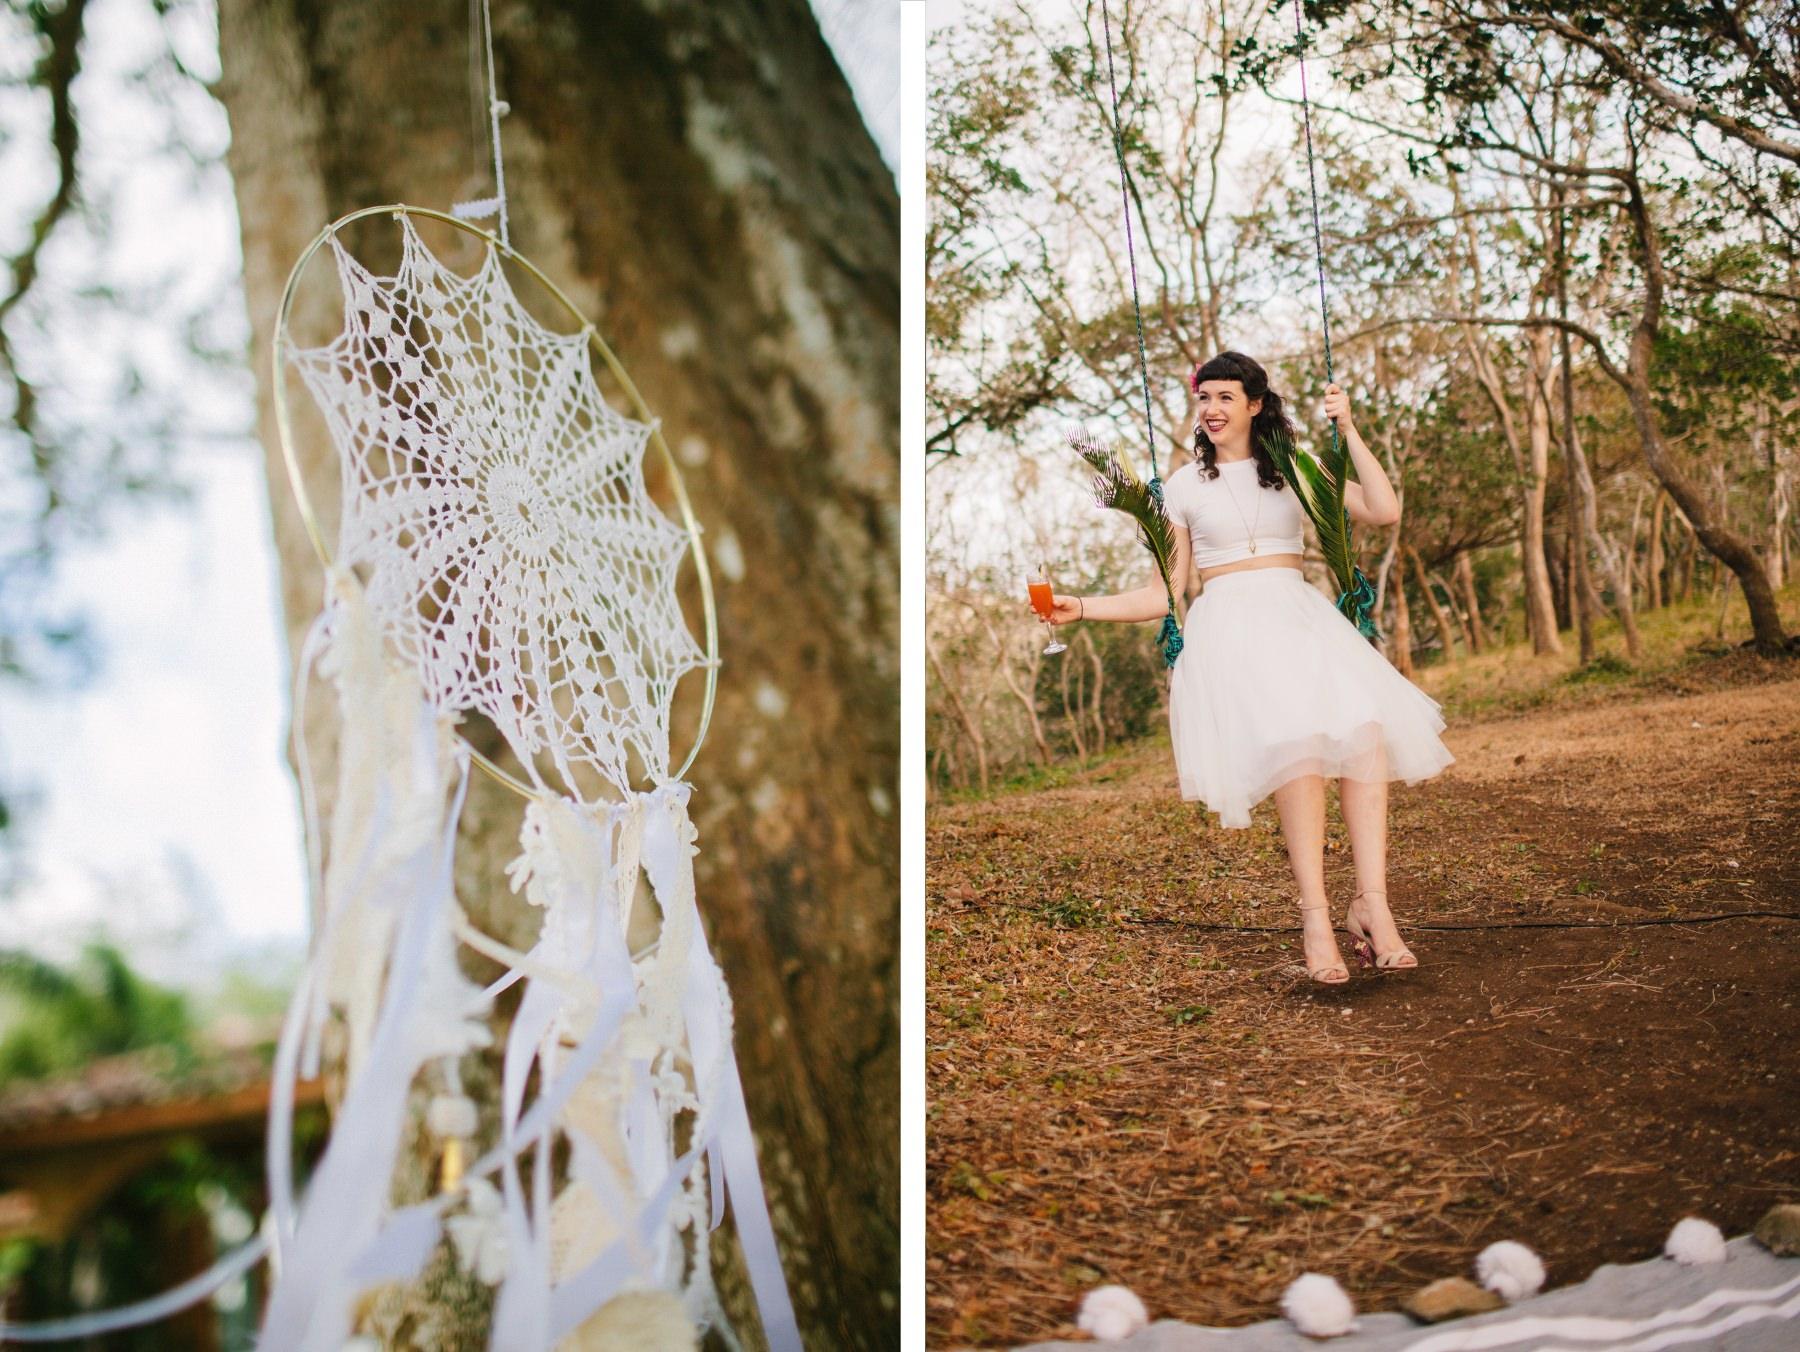 Boho wedding details ideas Costa Rica Nicaragua